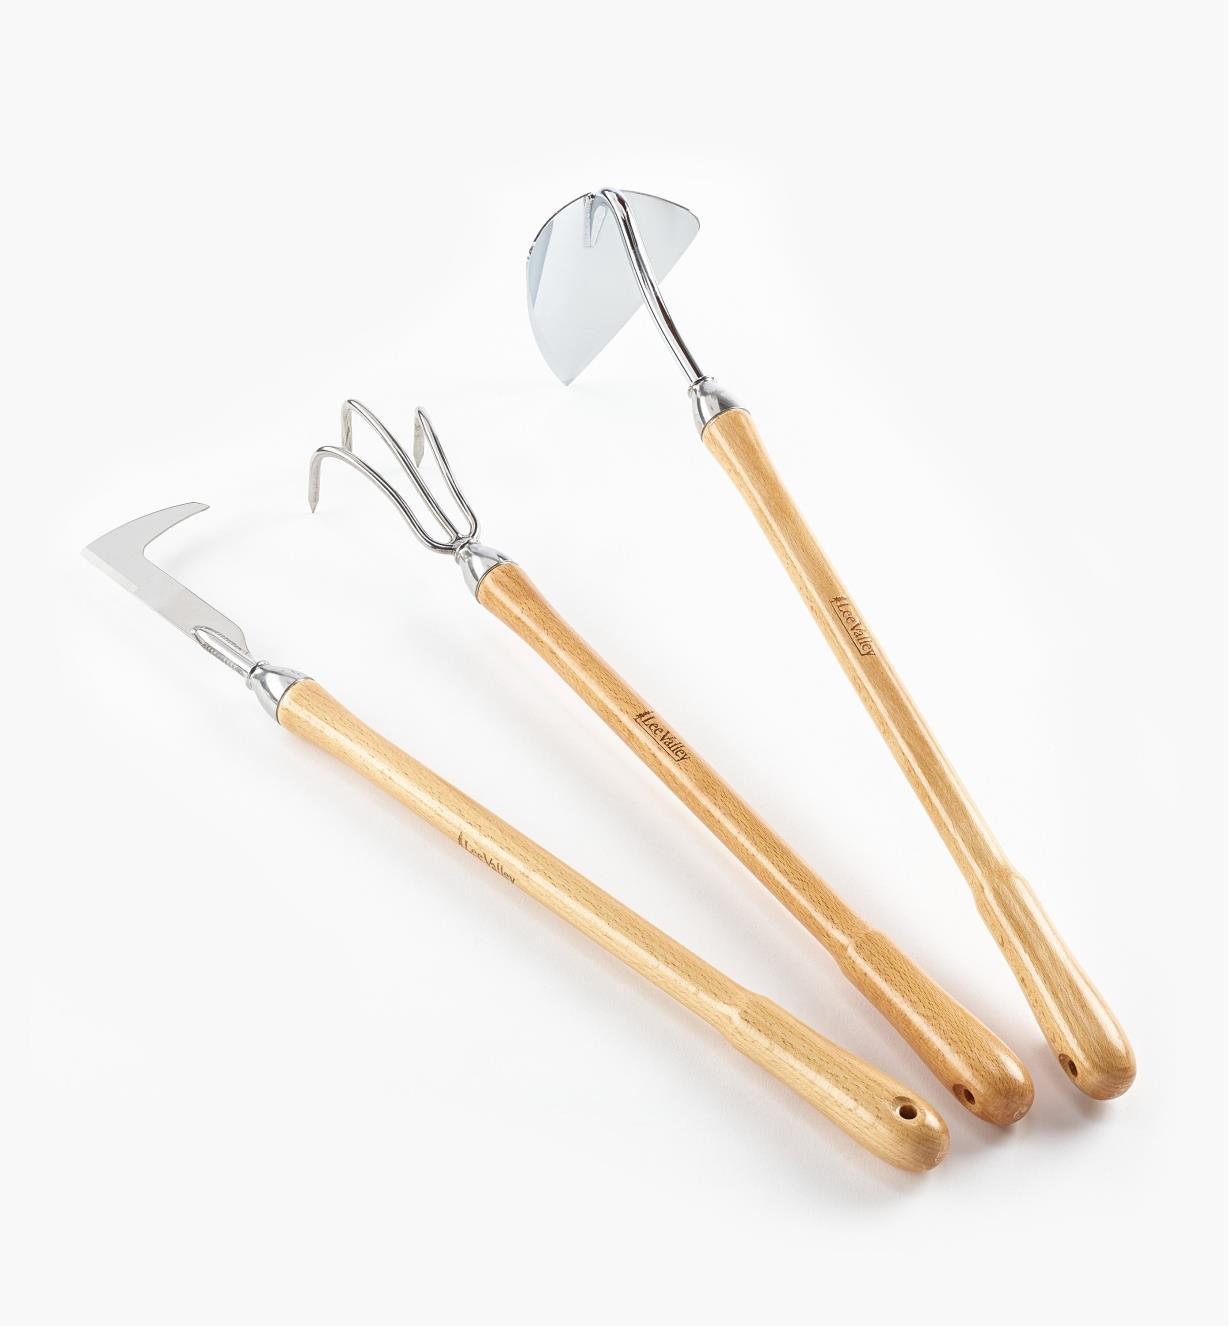 AB672 - Jeu de 3 outils de jardinage à manche mi-long Lee Valley – binette pointue, sarcloir, couteau à désherber